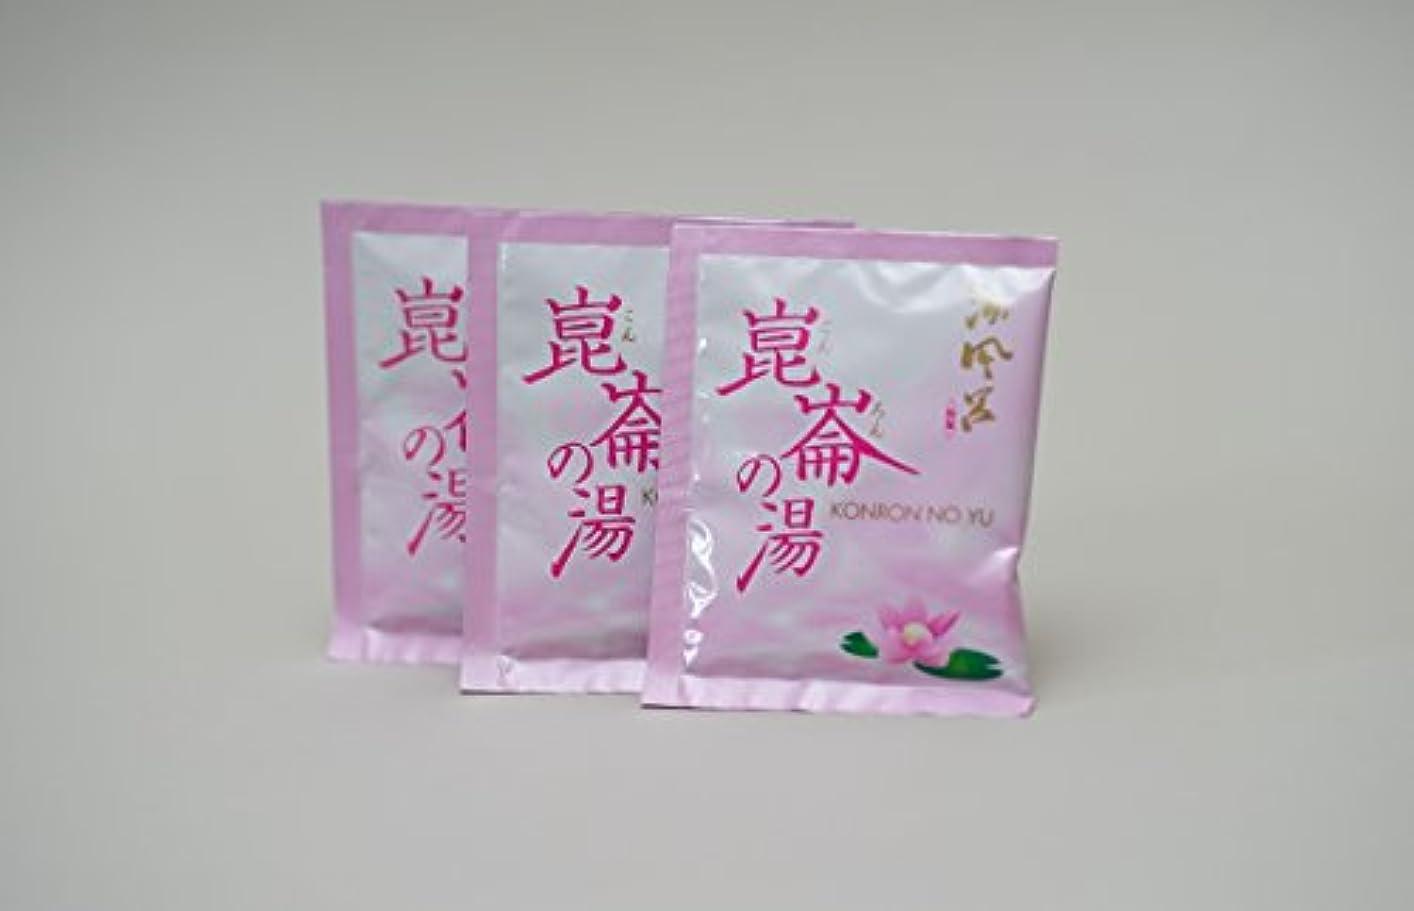 件名自発餌酒風呂入浴剤「崑崙の湯」( 日本酒風呂 ) 粉末タイプ (トライアルセット)(2袋で清酒5合の量に相当)